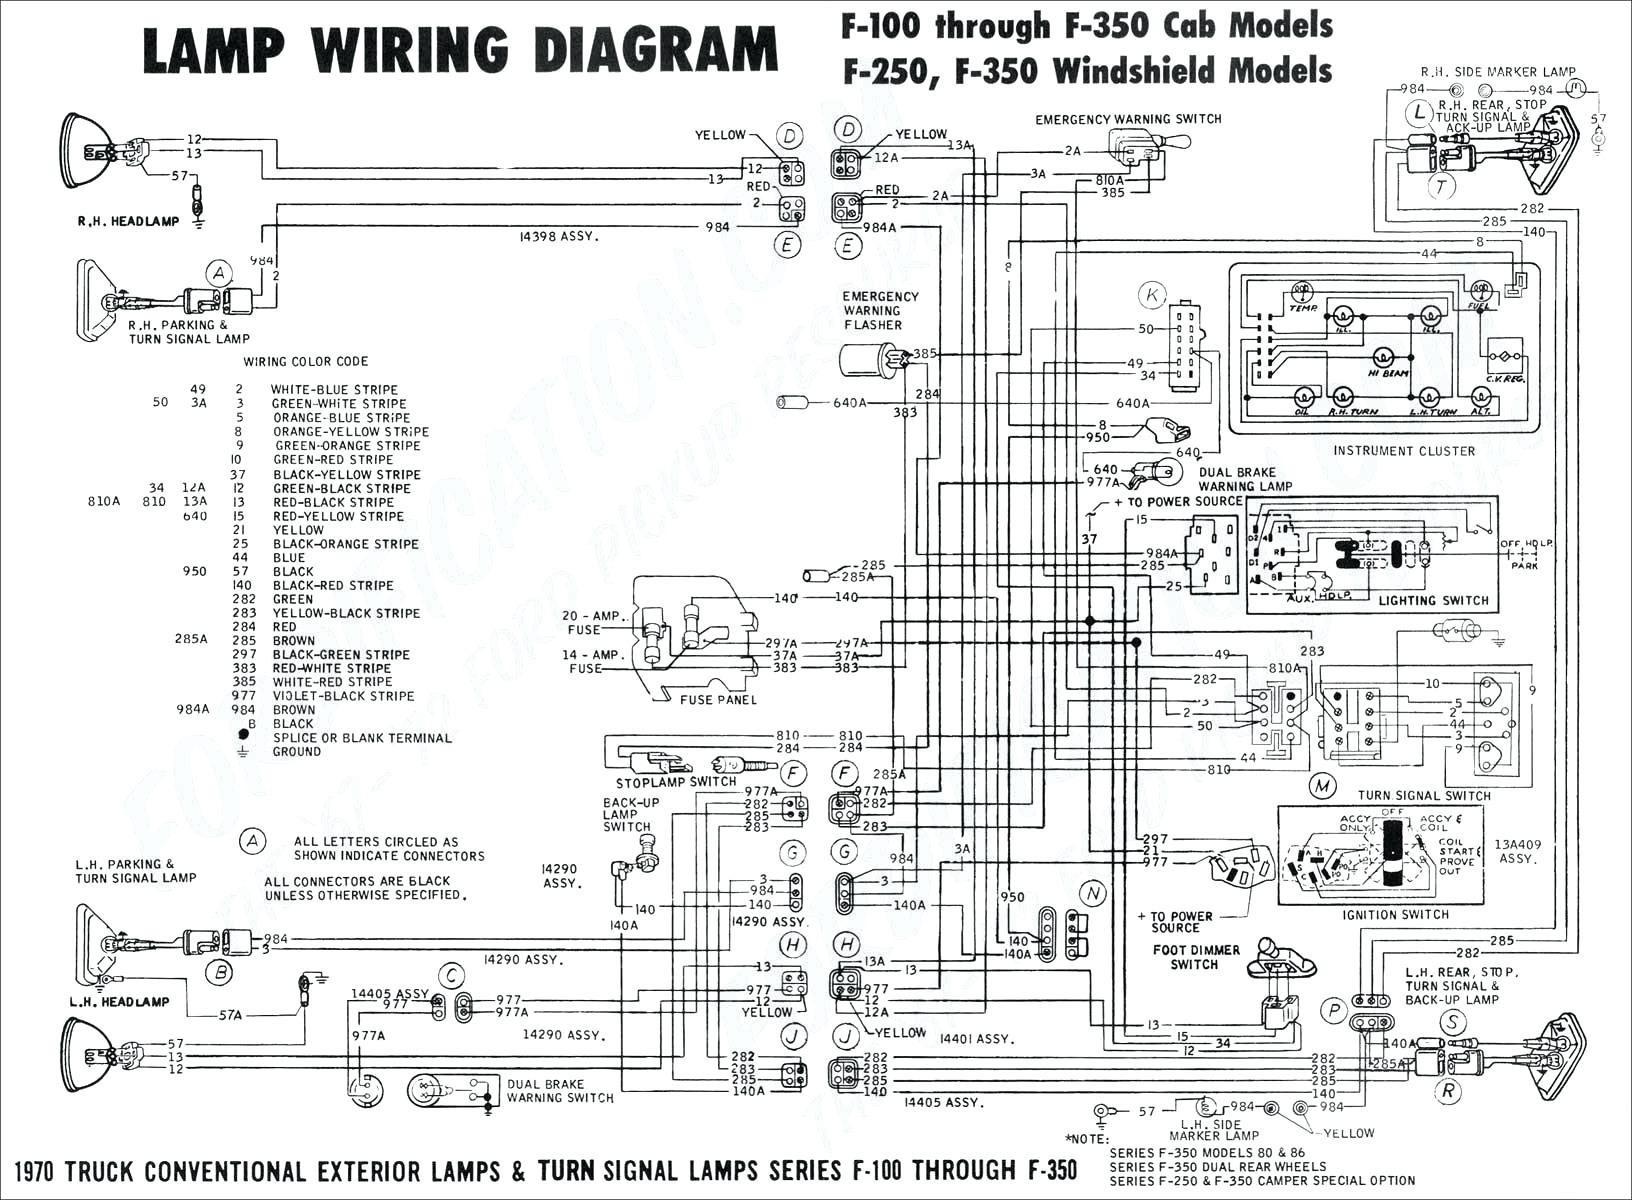 John Deere 4020 Wiring Diagram Pumptrol Wiring Of John Deere 4020 Wiring Diagram